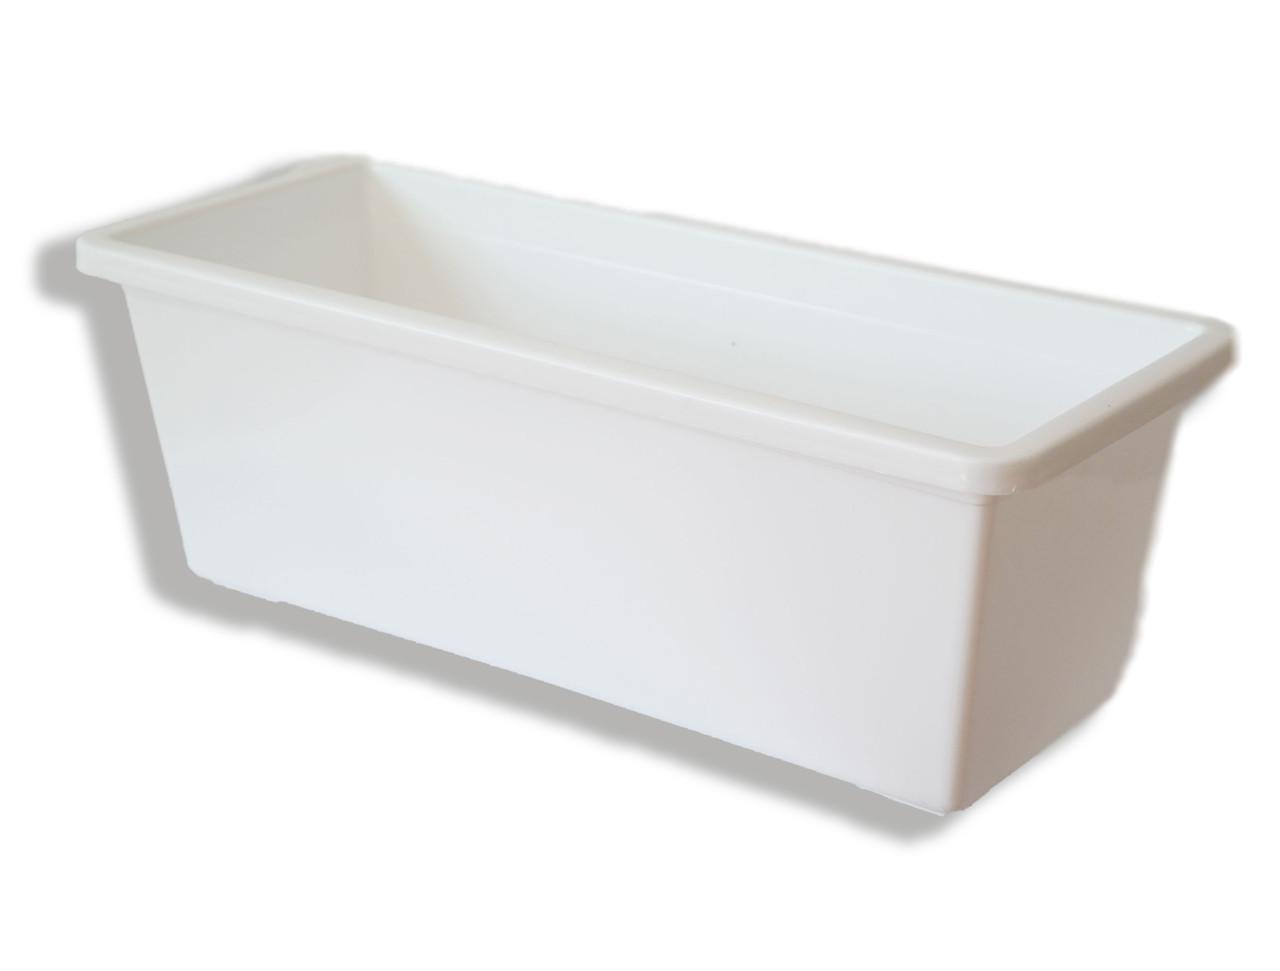 Ящик балконний для квітів, 50см, БІЛИЙ, ММ